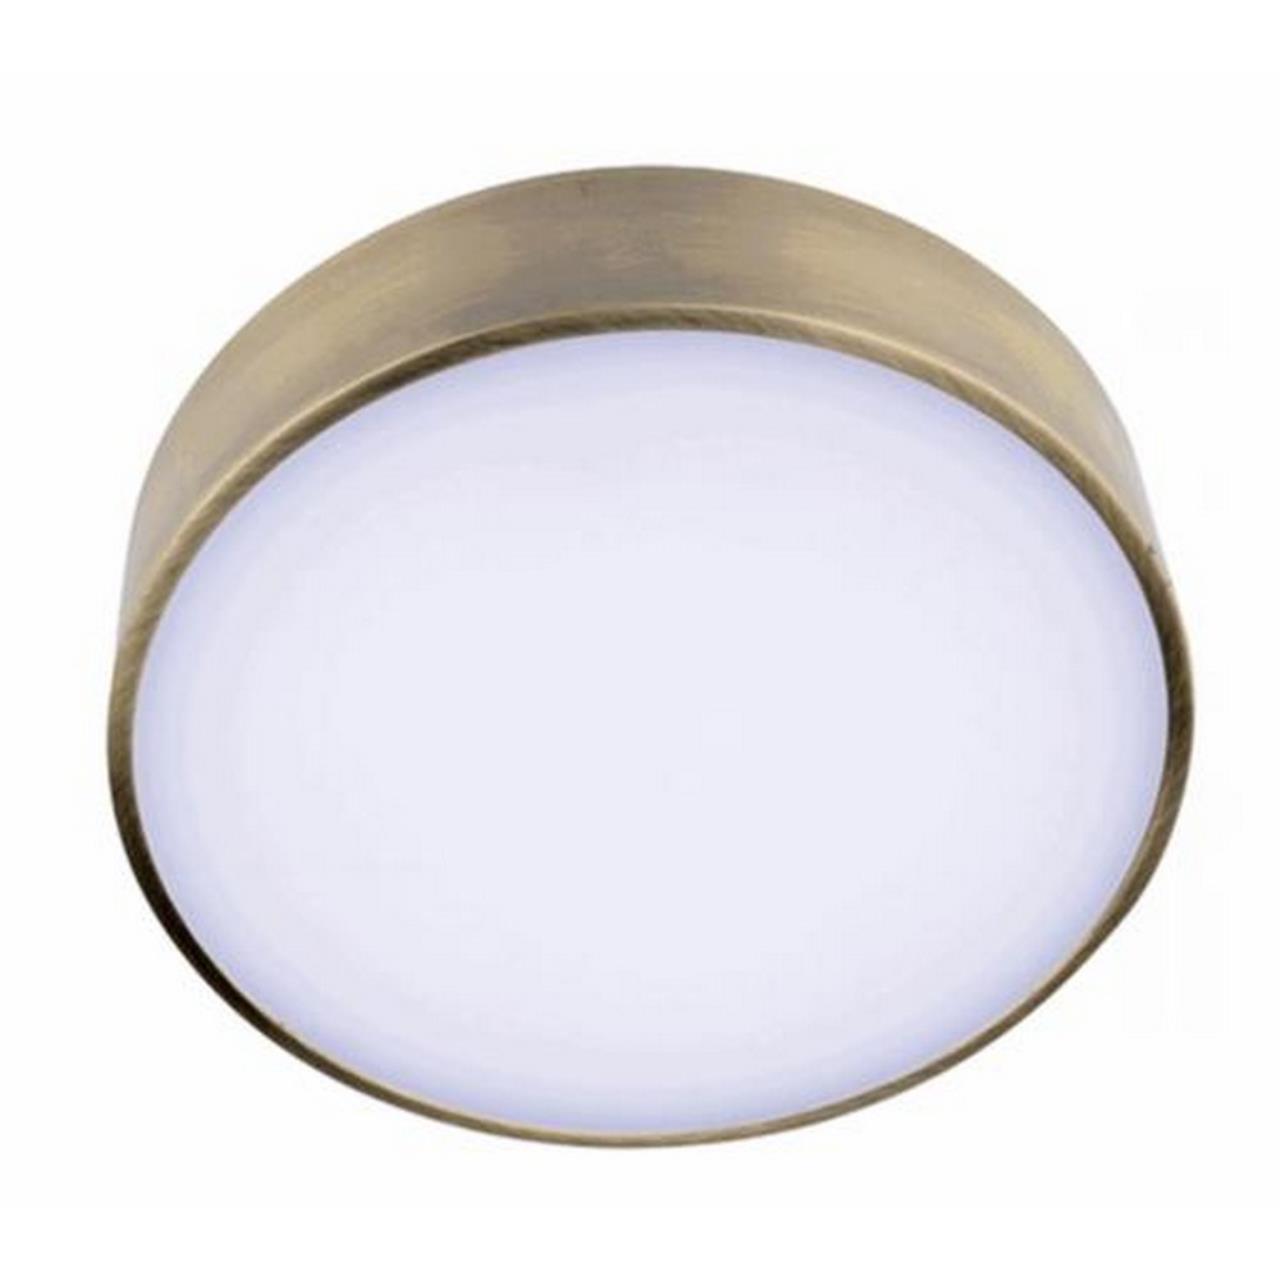 Встраиваемый-накладной светильник Aployt APL.0113.29.24